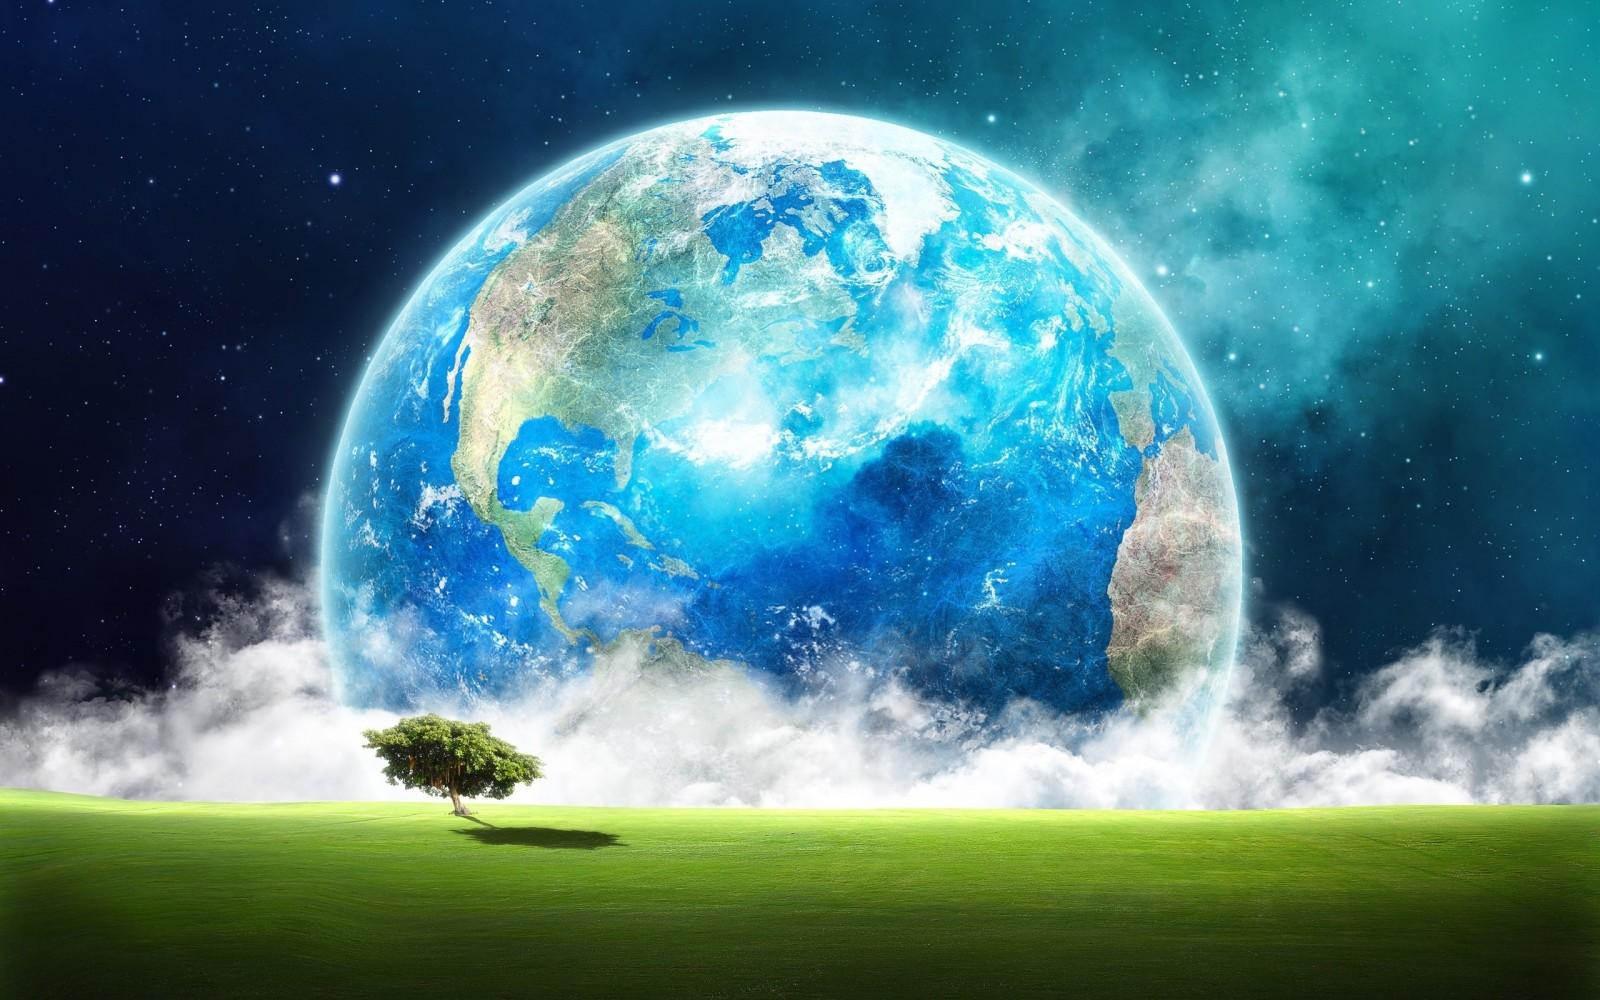 L'amore può davvero salvare il pianeta?